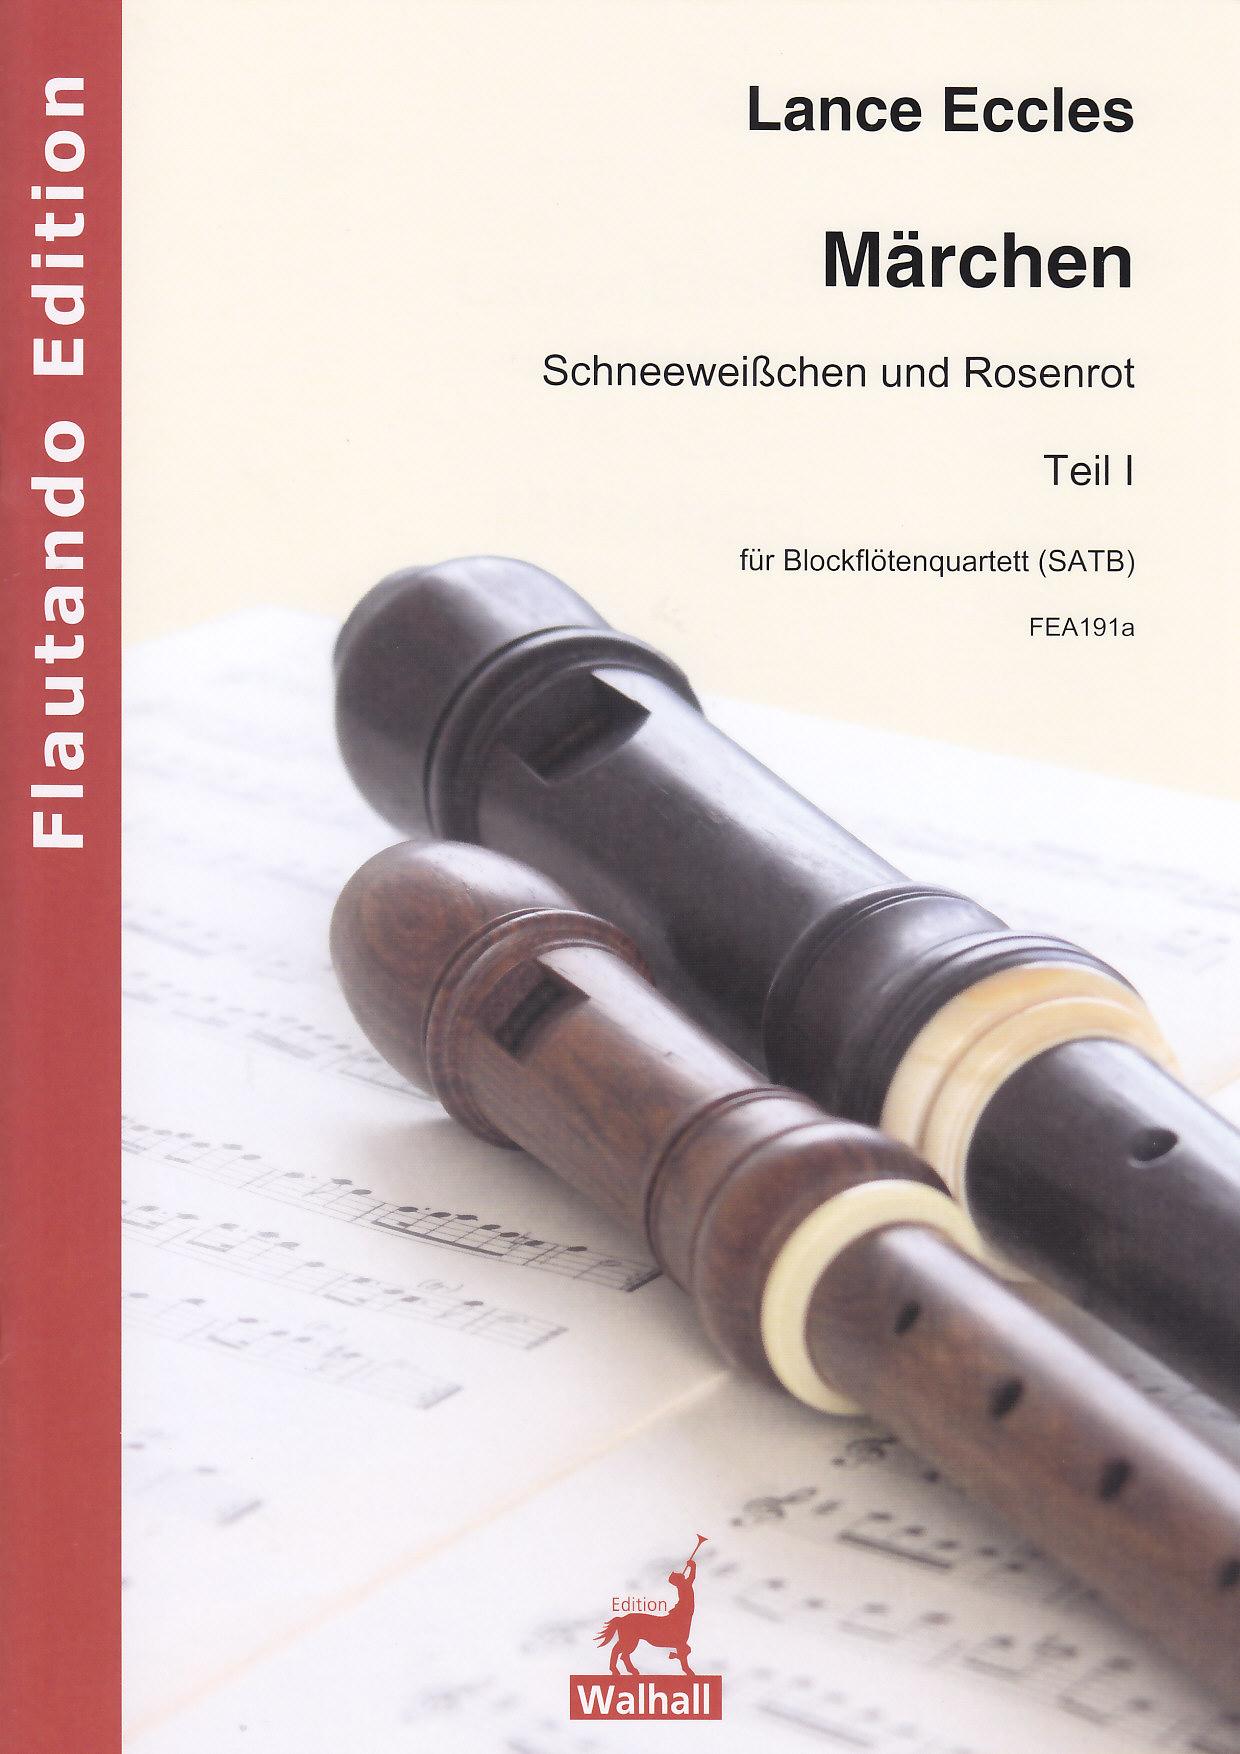 eccles märchen schneeweißchen rosenrot quartett fea191a